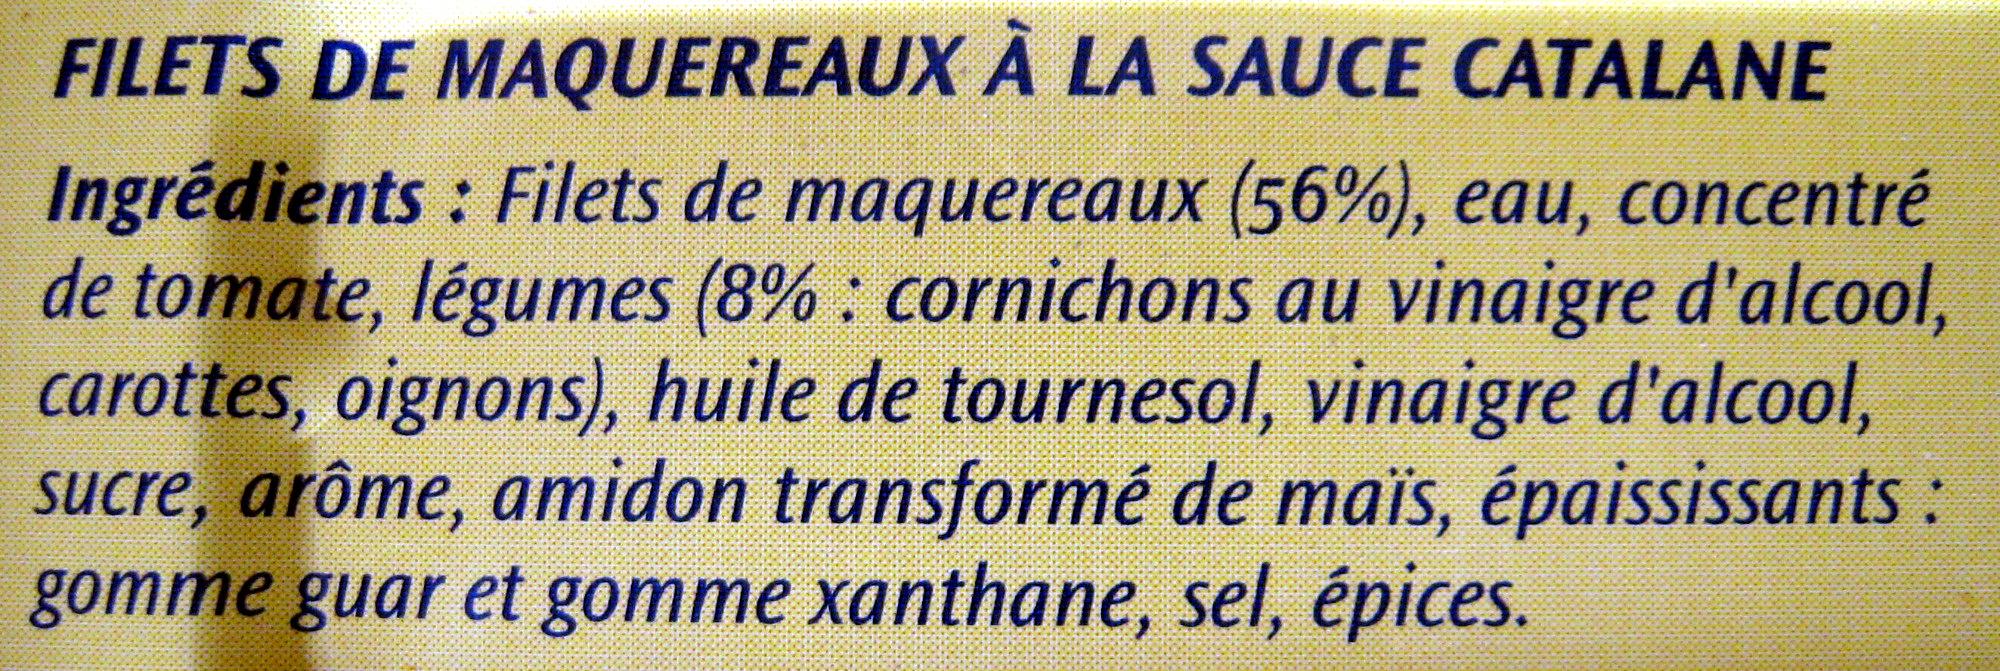 Filets de maquereaux à la sauce catalane - Ingrediënten - fr